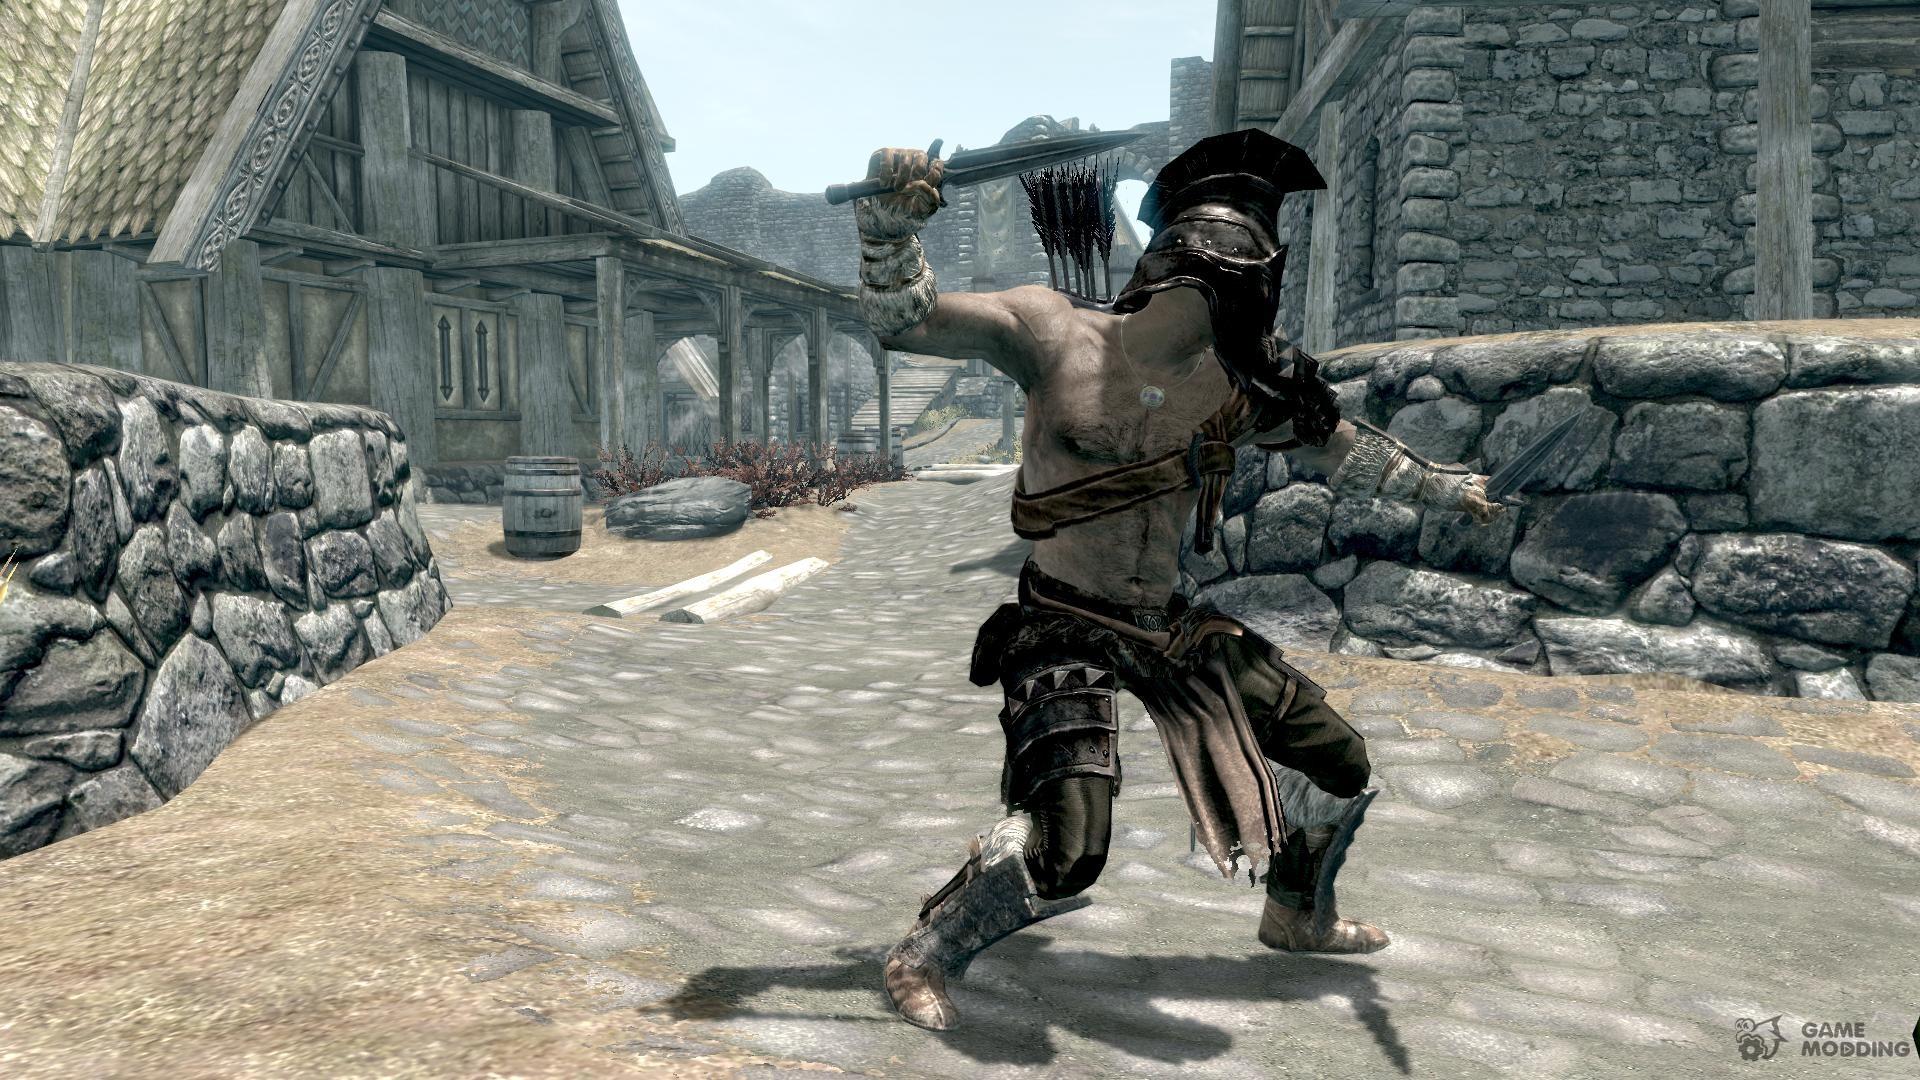 Skyrim the gladiator ii